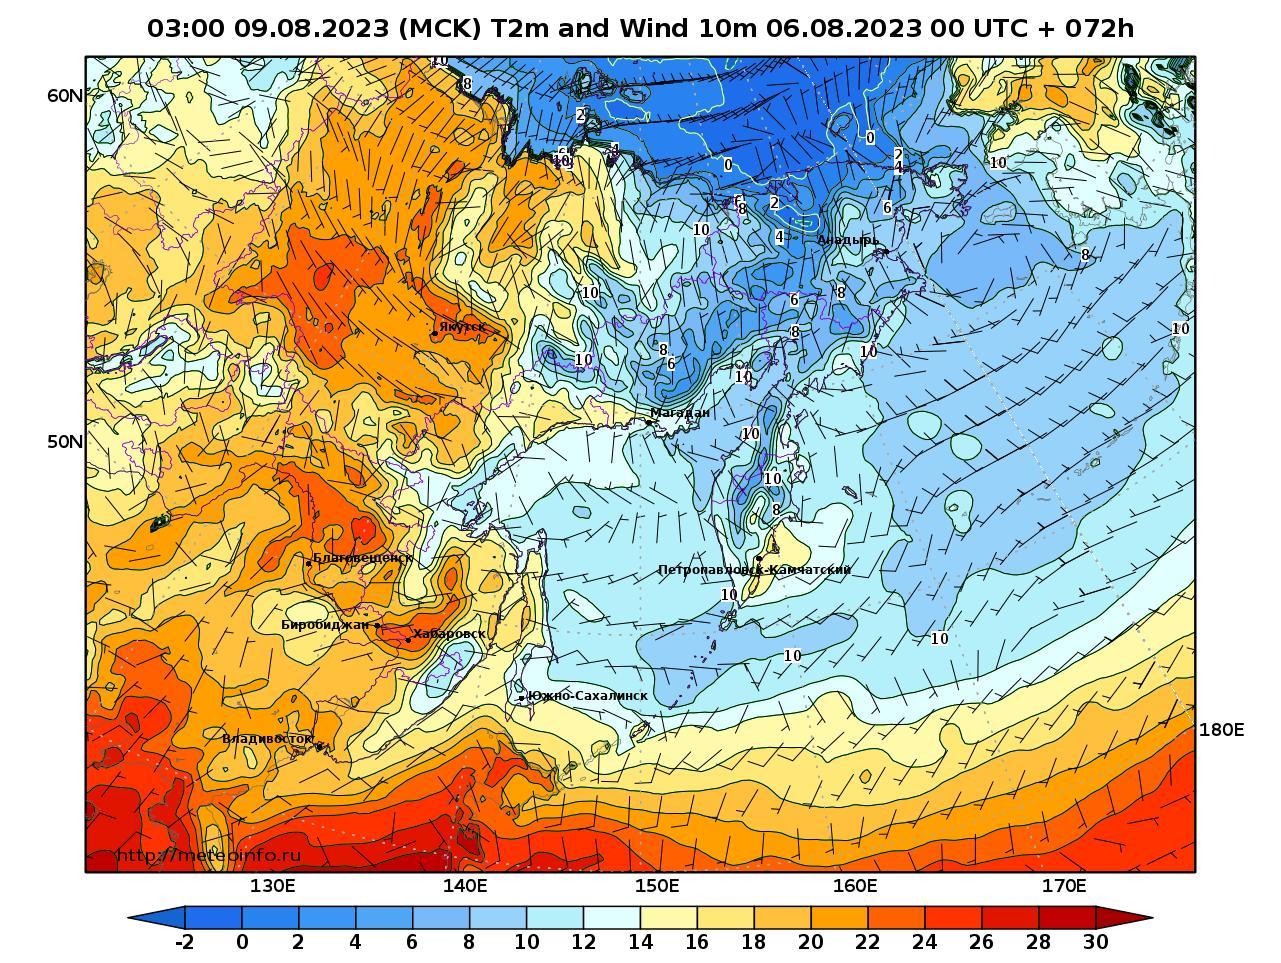 Дальний Восток, прогностическая карта приземная температура, заблаговременность прогноза 72 часа